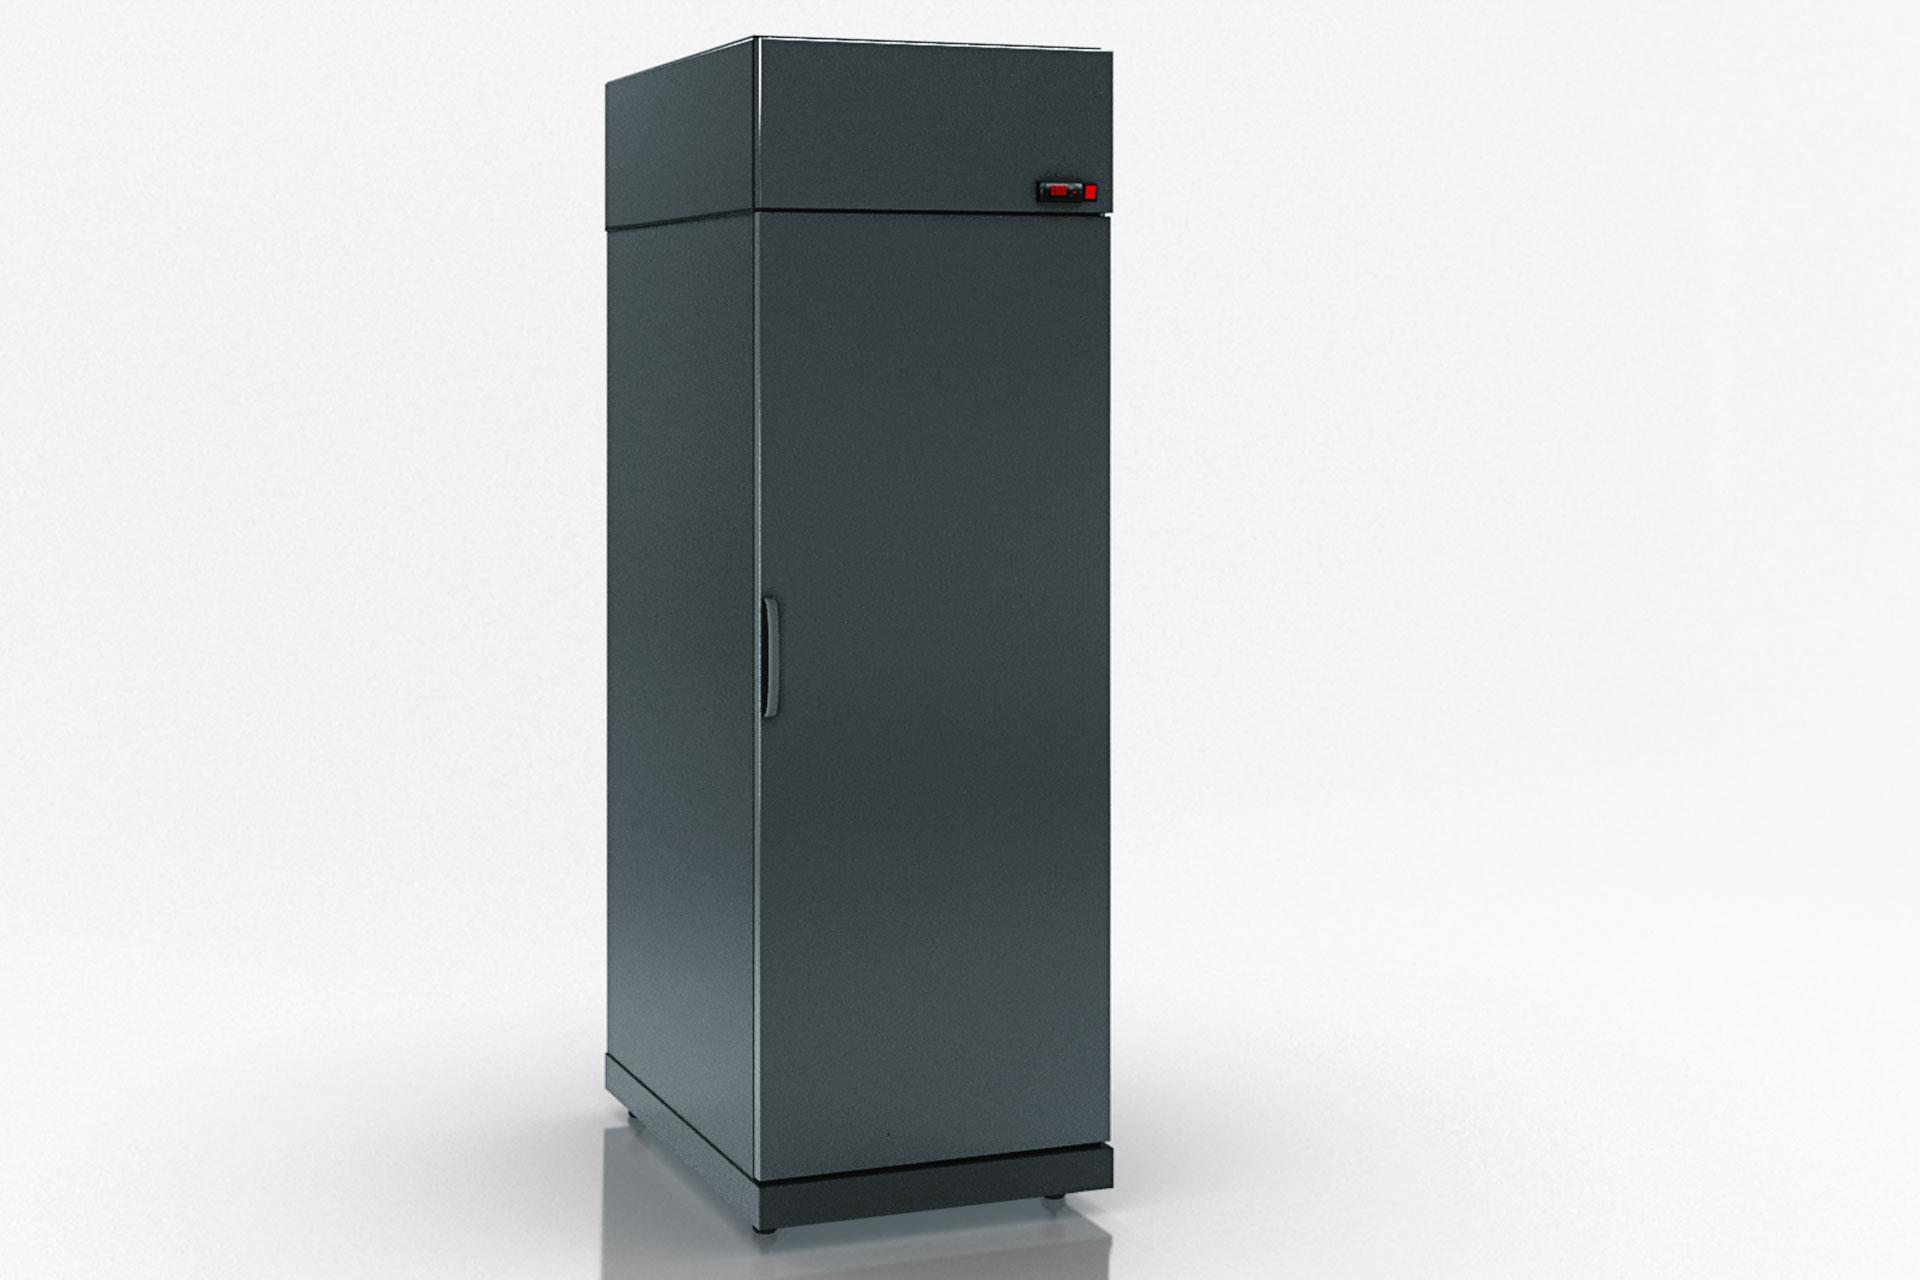 Kühlschränke Kansas VАZG 065/075/085 MT/HT 1HD 210-D500/D600/D700A-065 (option)